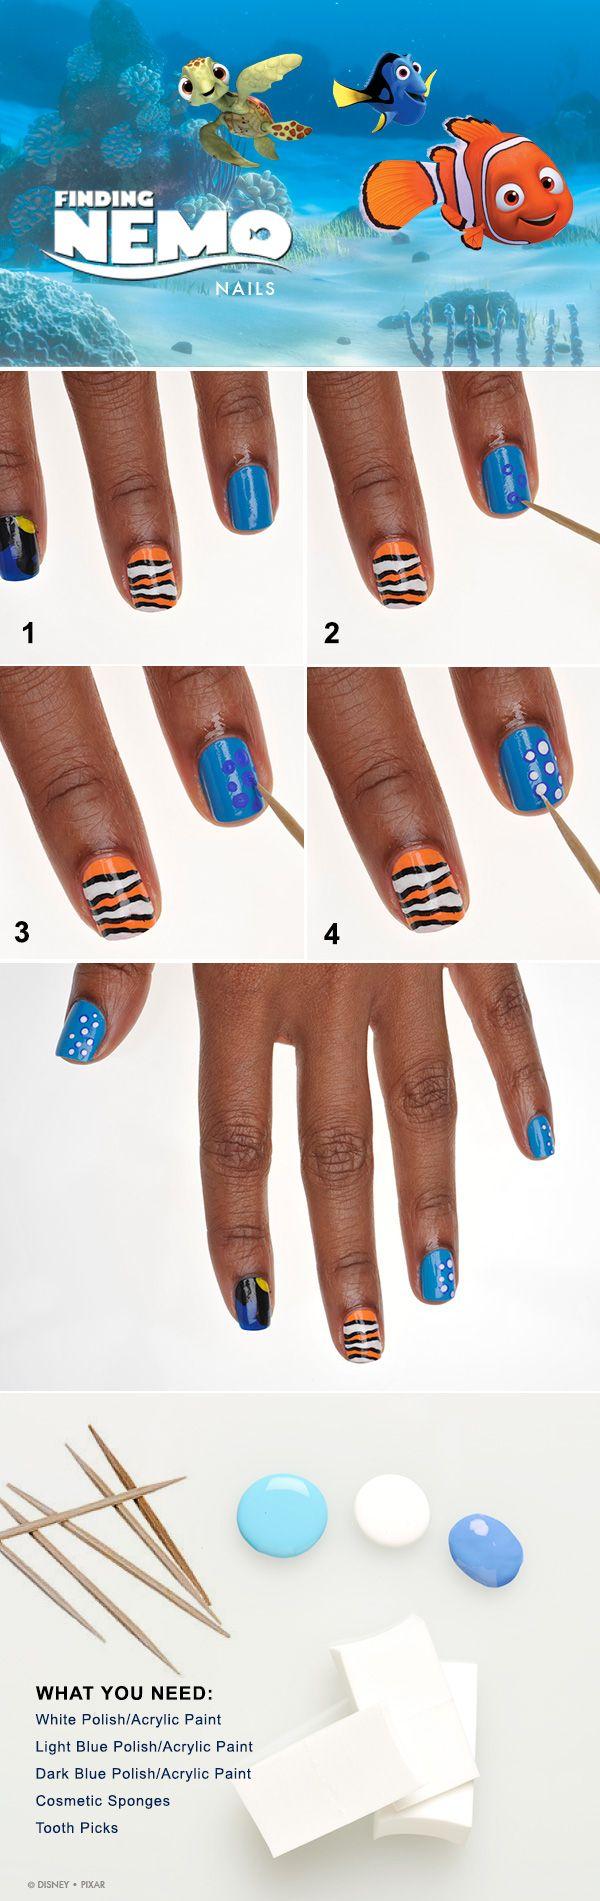 #DIY #FindingNemo #Nails #WaltDisneyWorld